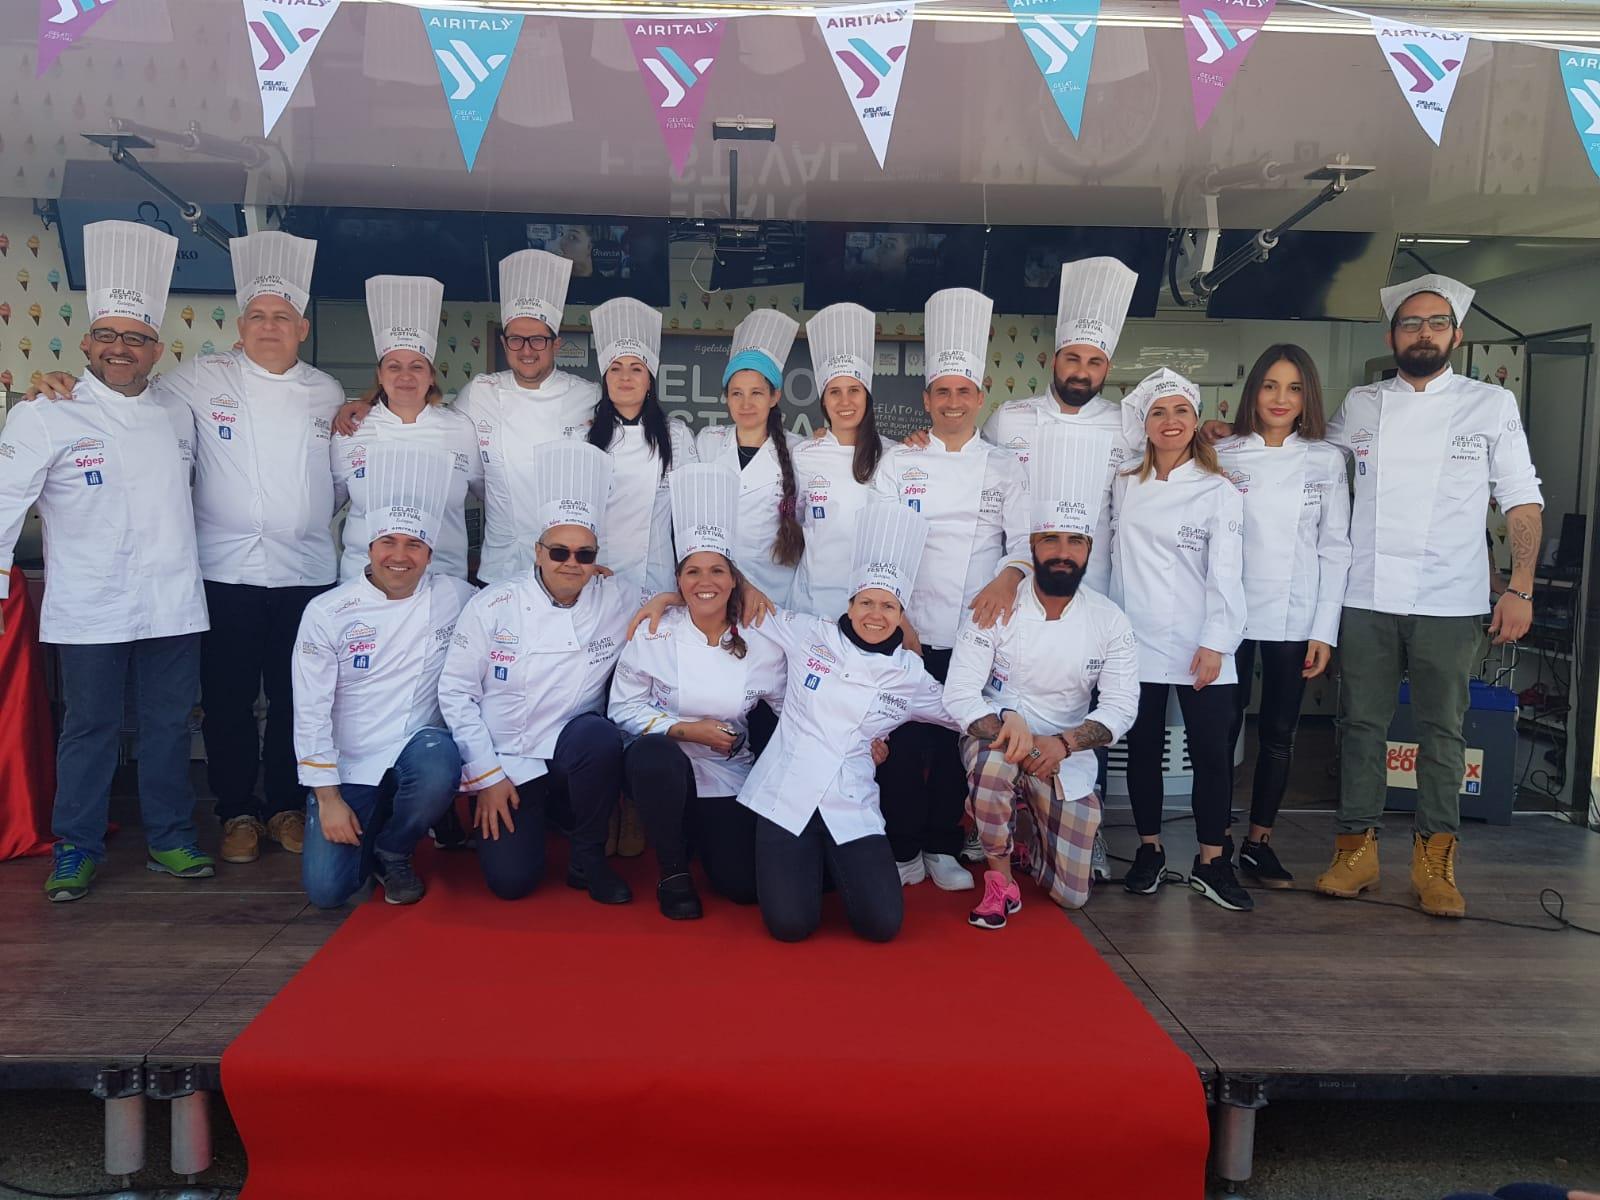 participanti gelato festival 2019 firenze